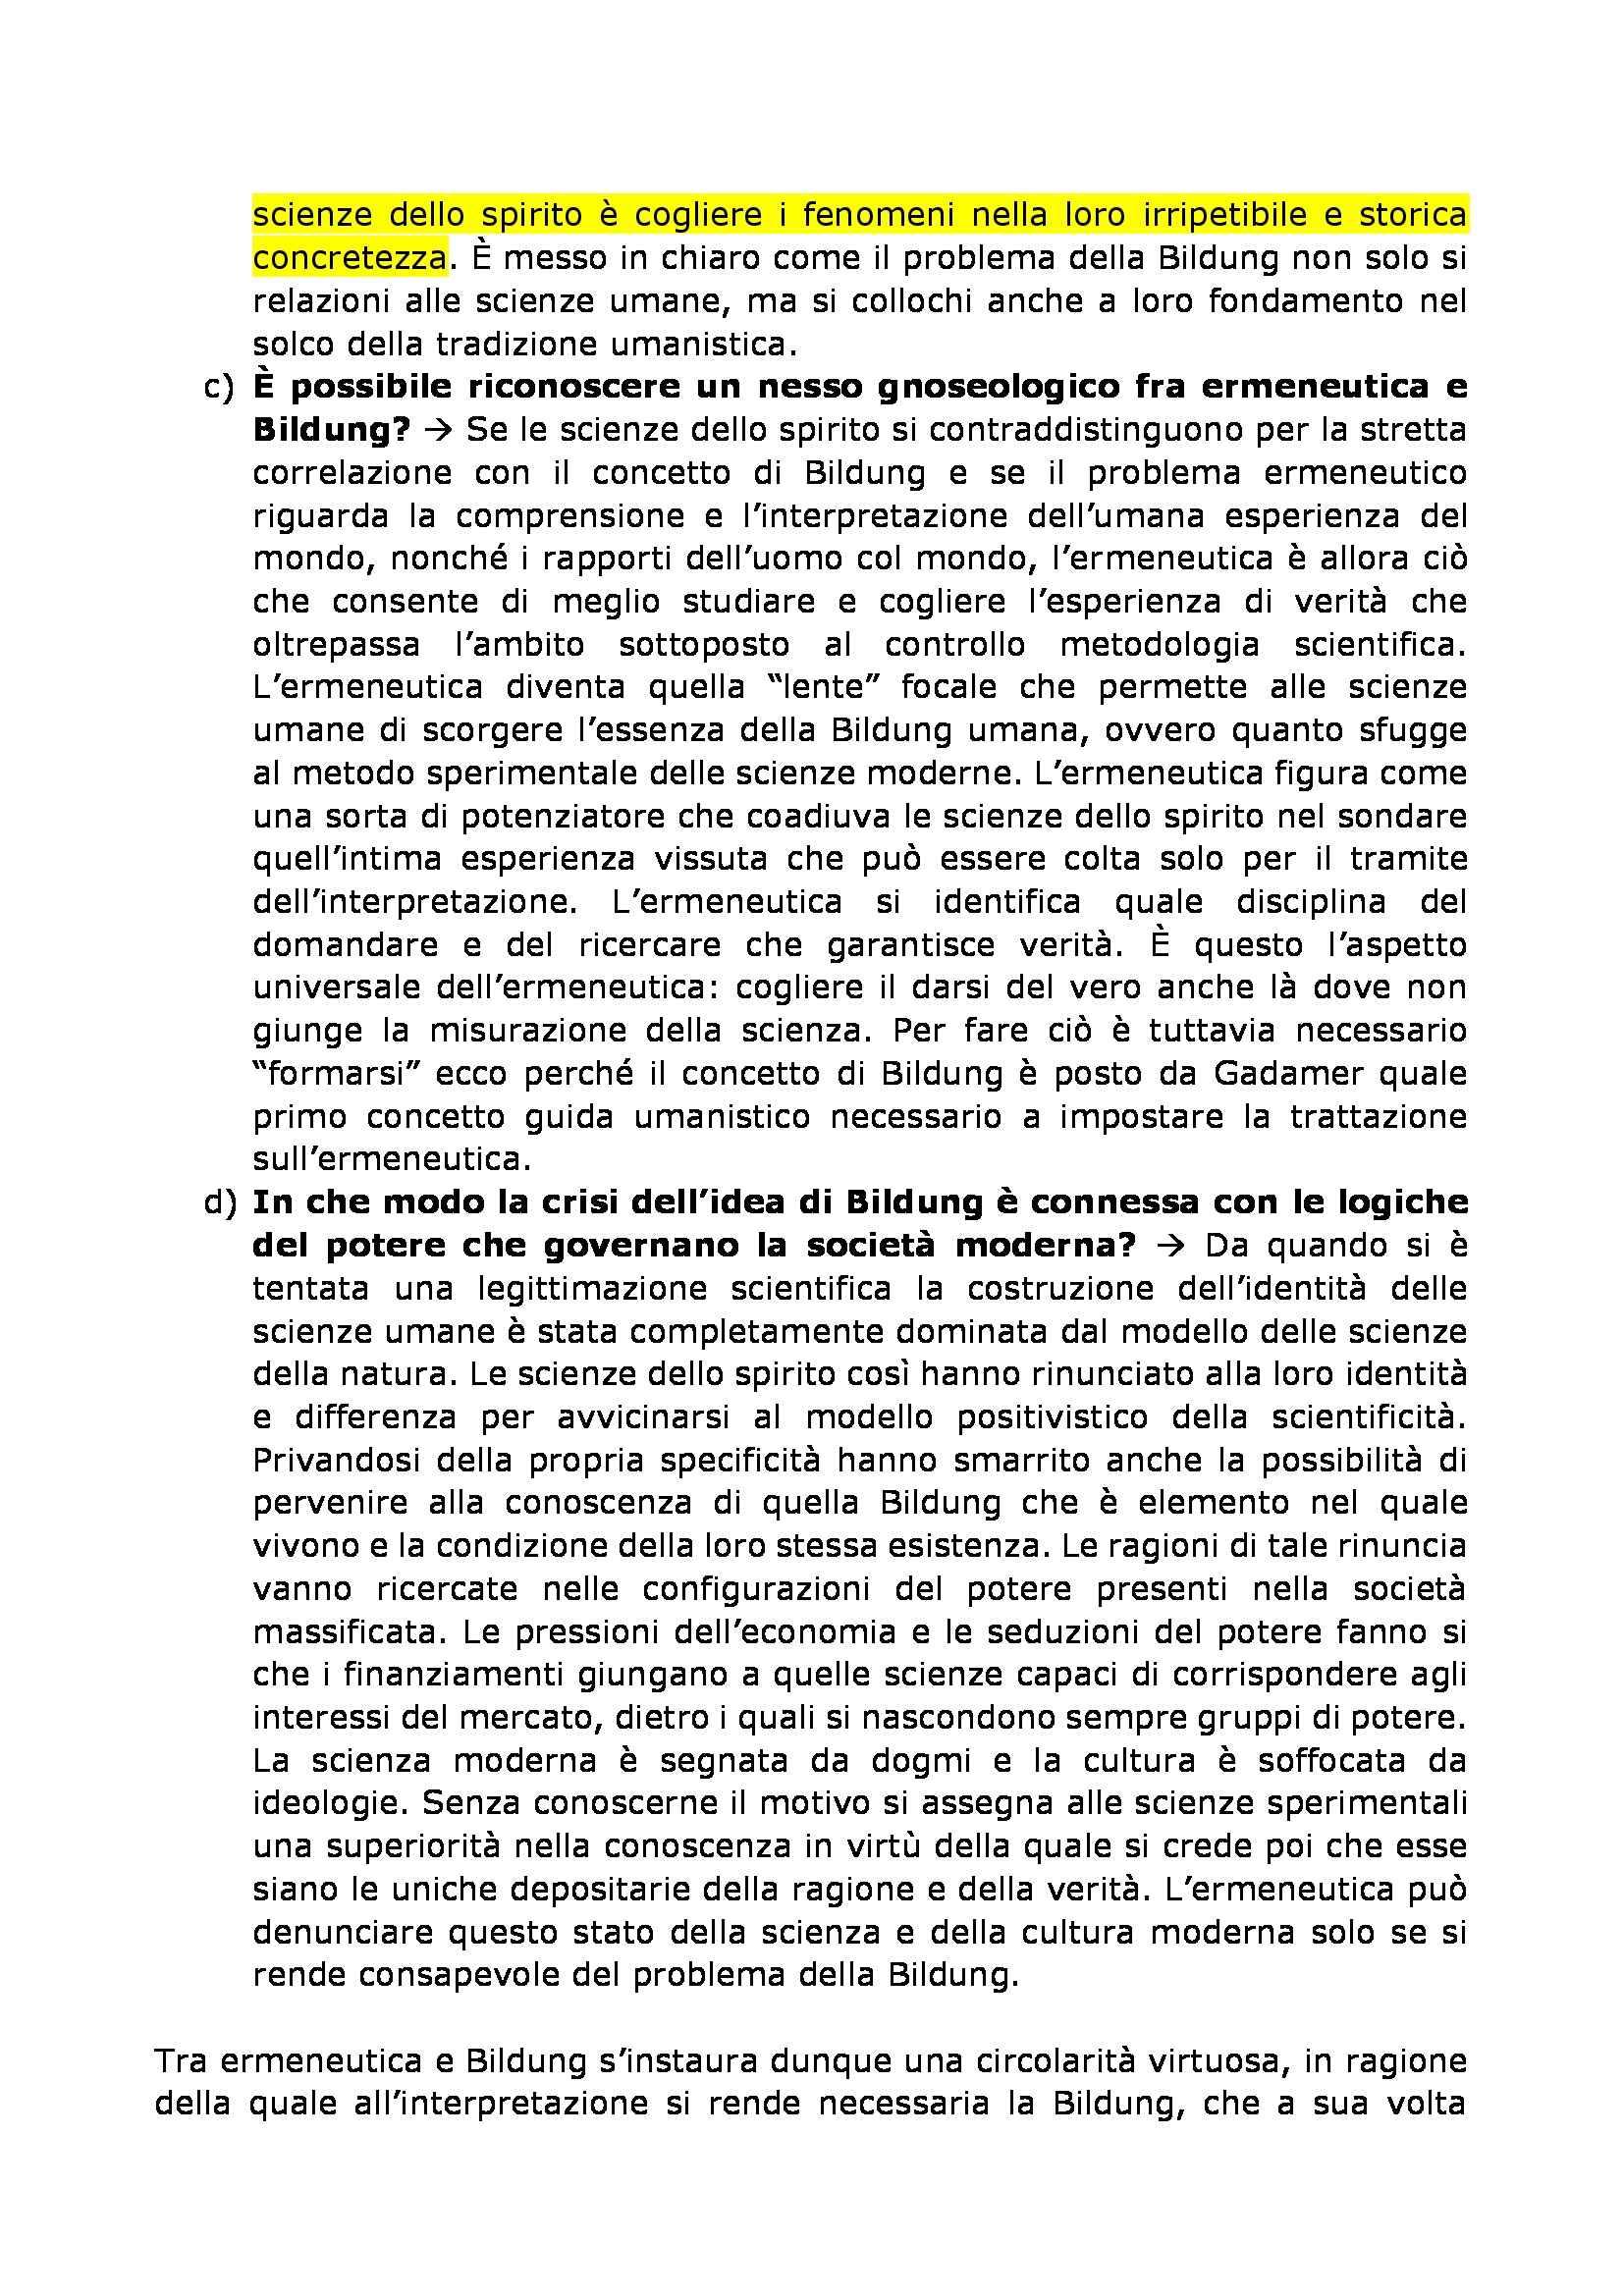 Filosofia dell'educazione - Bildung e Umanesimo, Gadamer Pag. 2